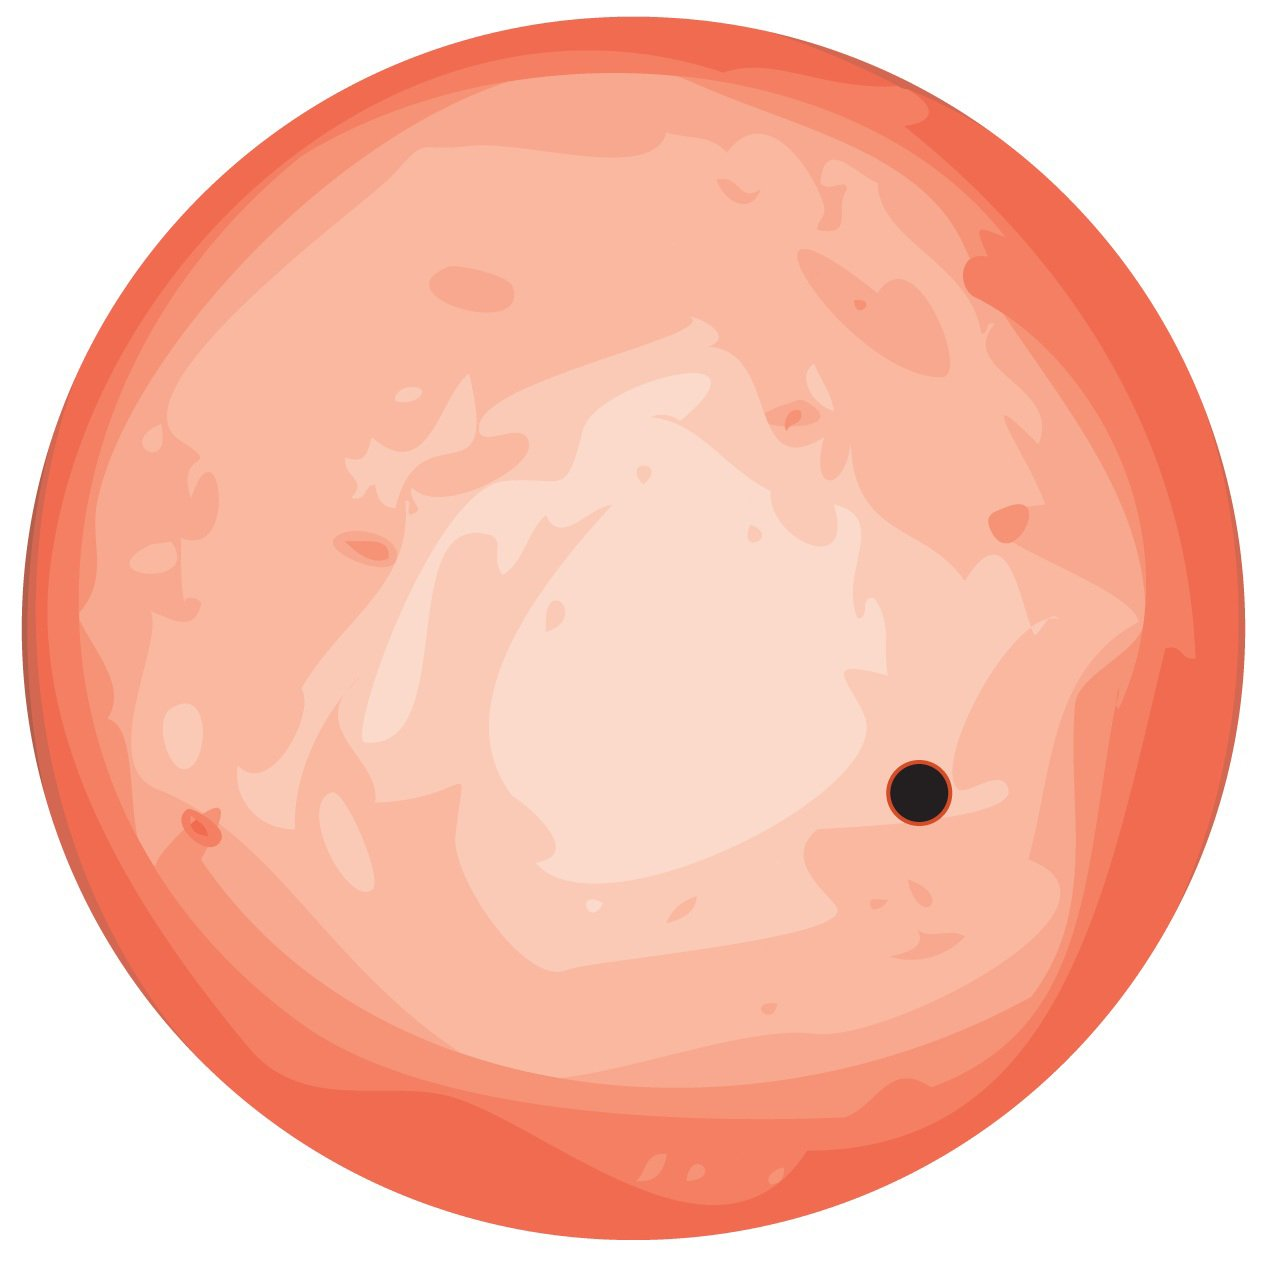 Die Illustration zeigt den Exoplanet mit der Katalognummer GJ 1132b, der um den roten Heimatstern kreist. Astronomen haben den bislang nächsten erdähnlichen Planeten außerhalb unseres eigenen Sonnensystems aufgespürt. Der sogenannte Exoplanet GJ 1132b liege in unserer direkten kosmischen Nachbarschaft und sei etwa so groß und massereich wie die Erde.